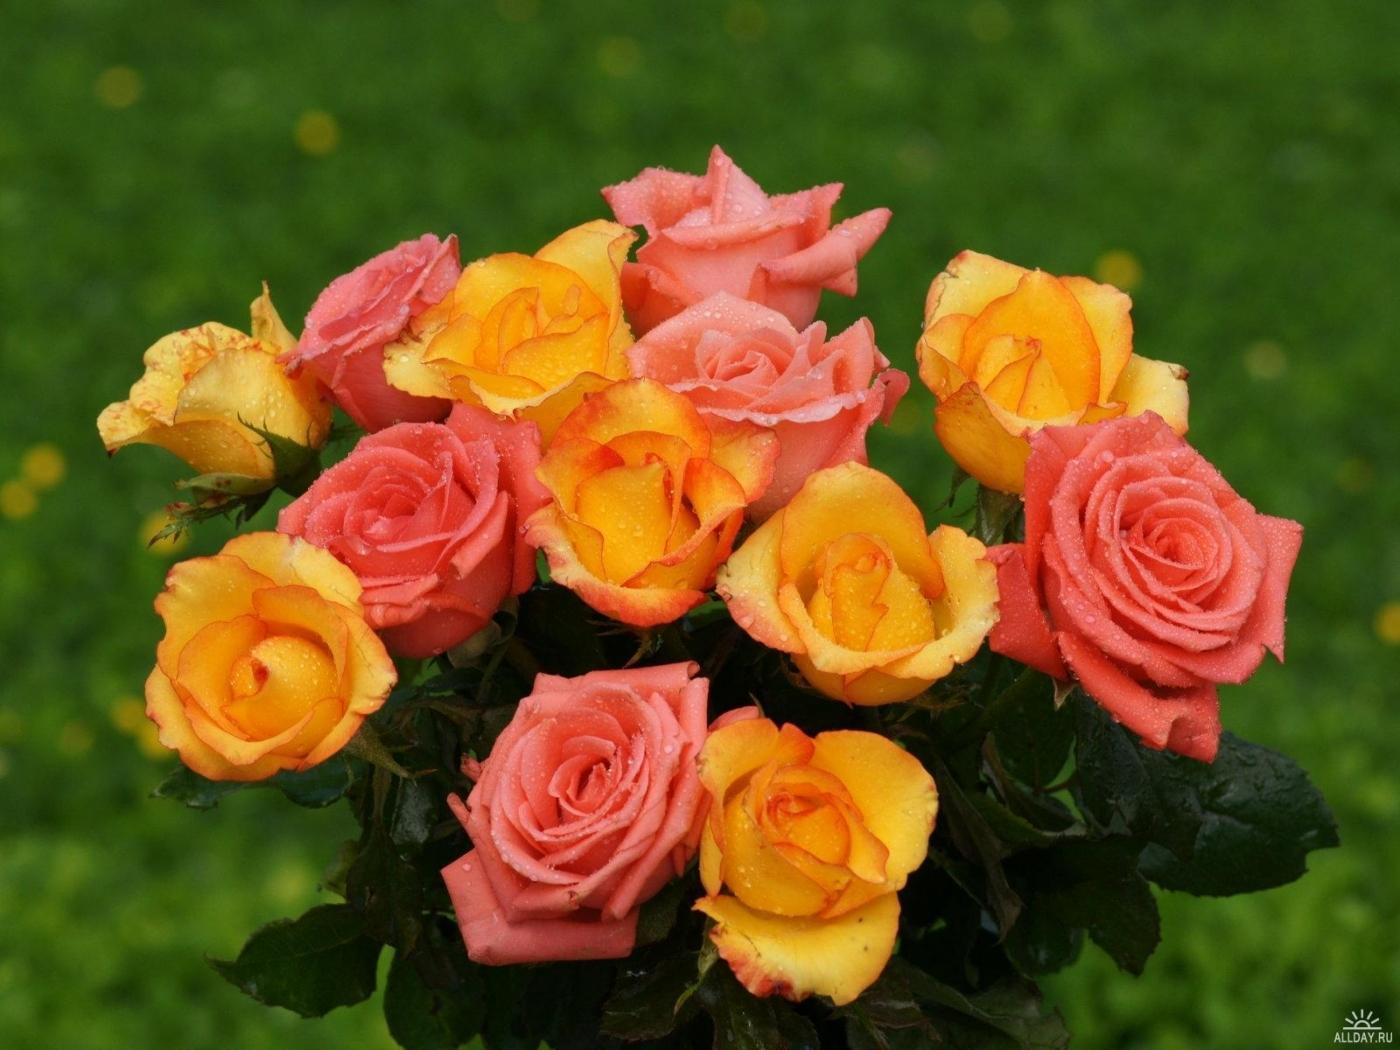 27689 скачать обои Растения, Цветы, Розы, Букеты - заставки и картинки бесплатно